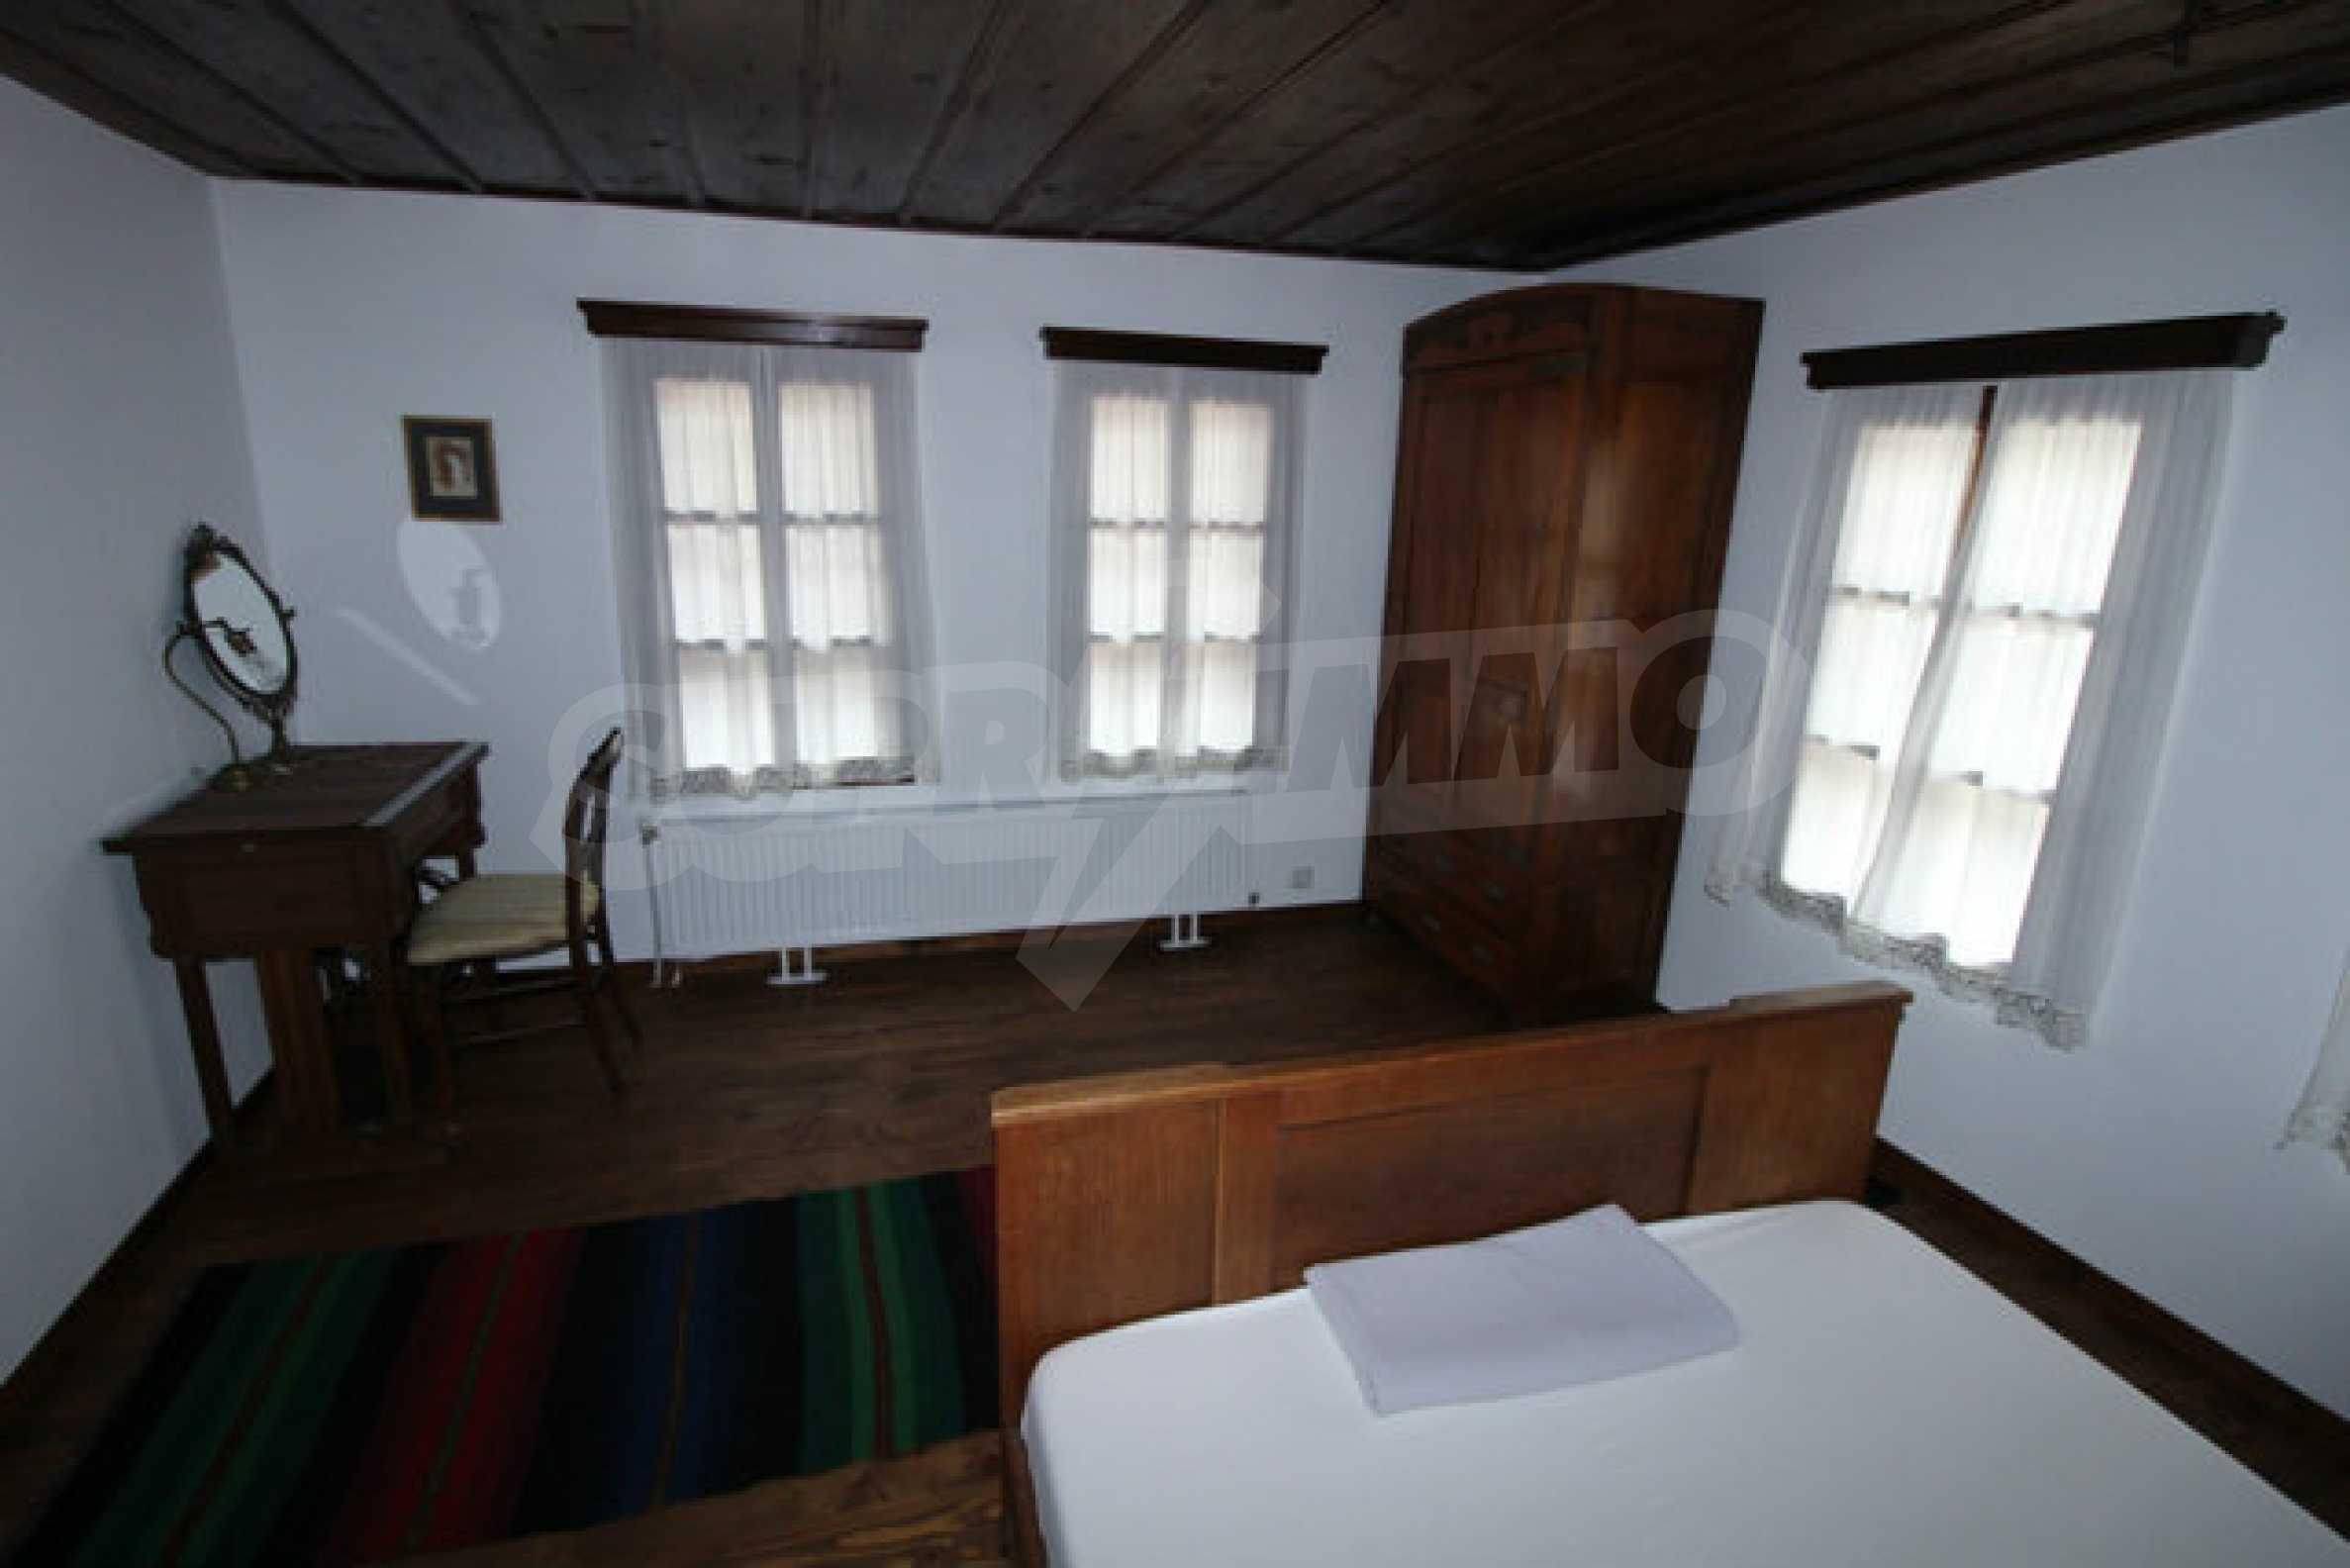 Работеща уютна къща за гости само на 20 км от Велико Търново  30